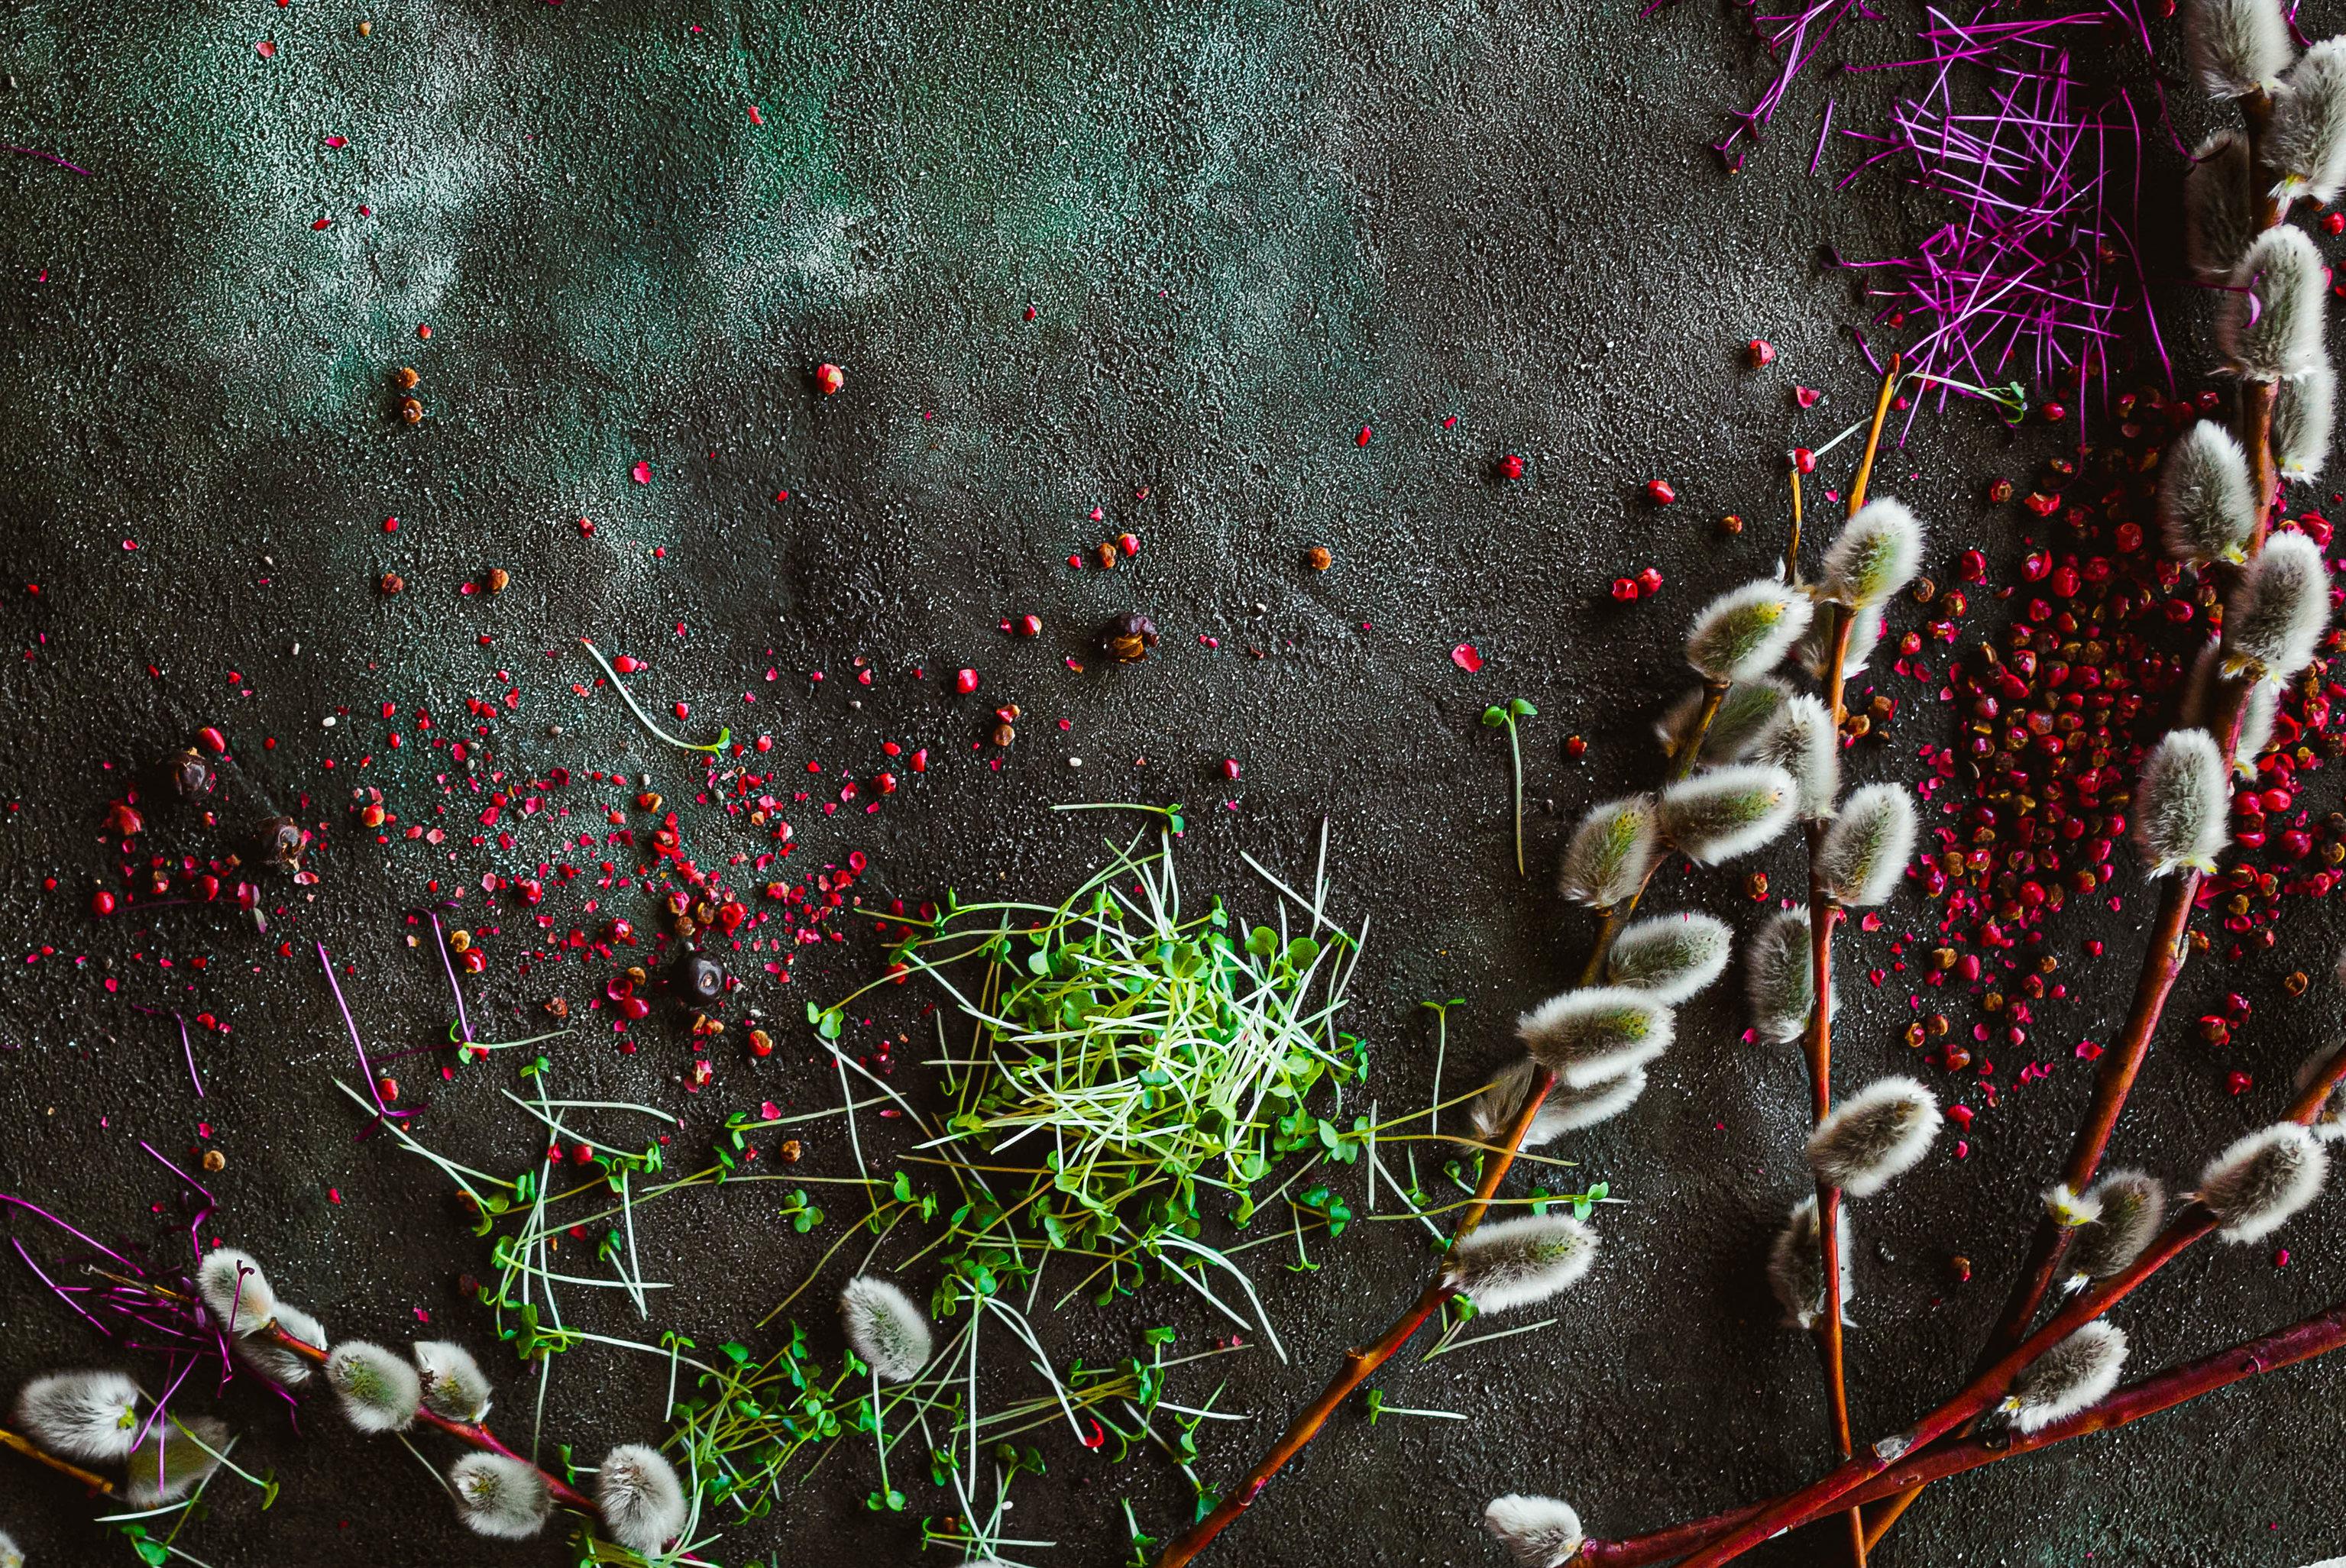 152569 скачать обои Разное, Верба, Растения, Специи, Текстура - заставки и картинки бесплатно